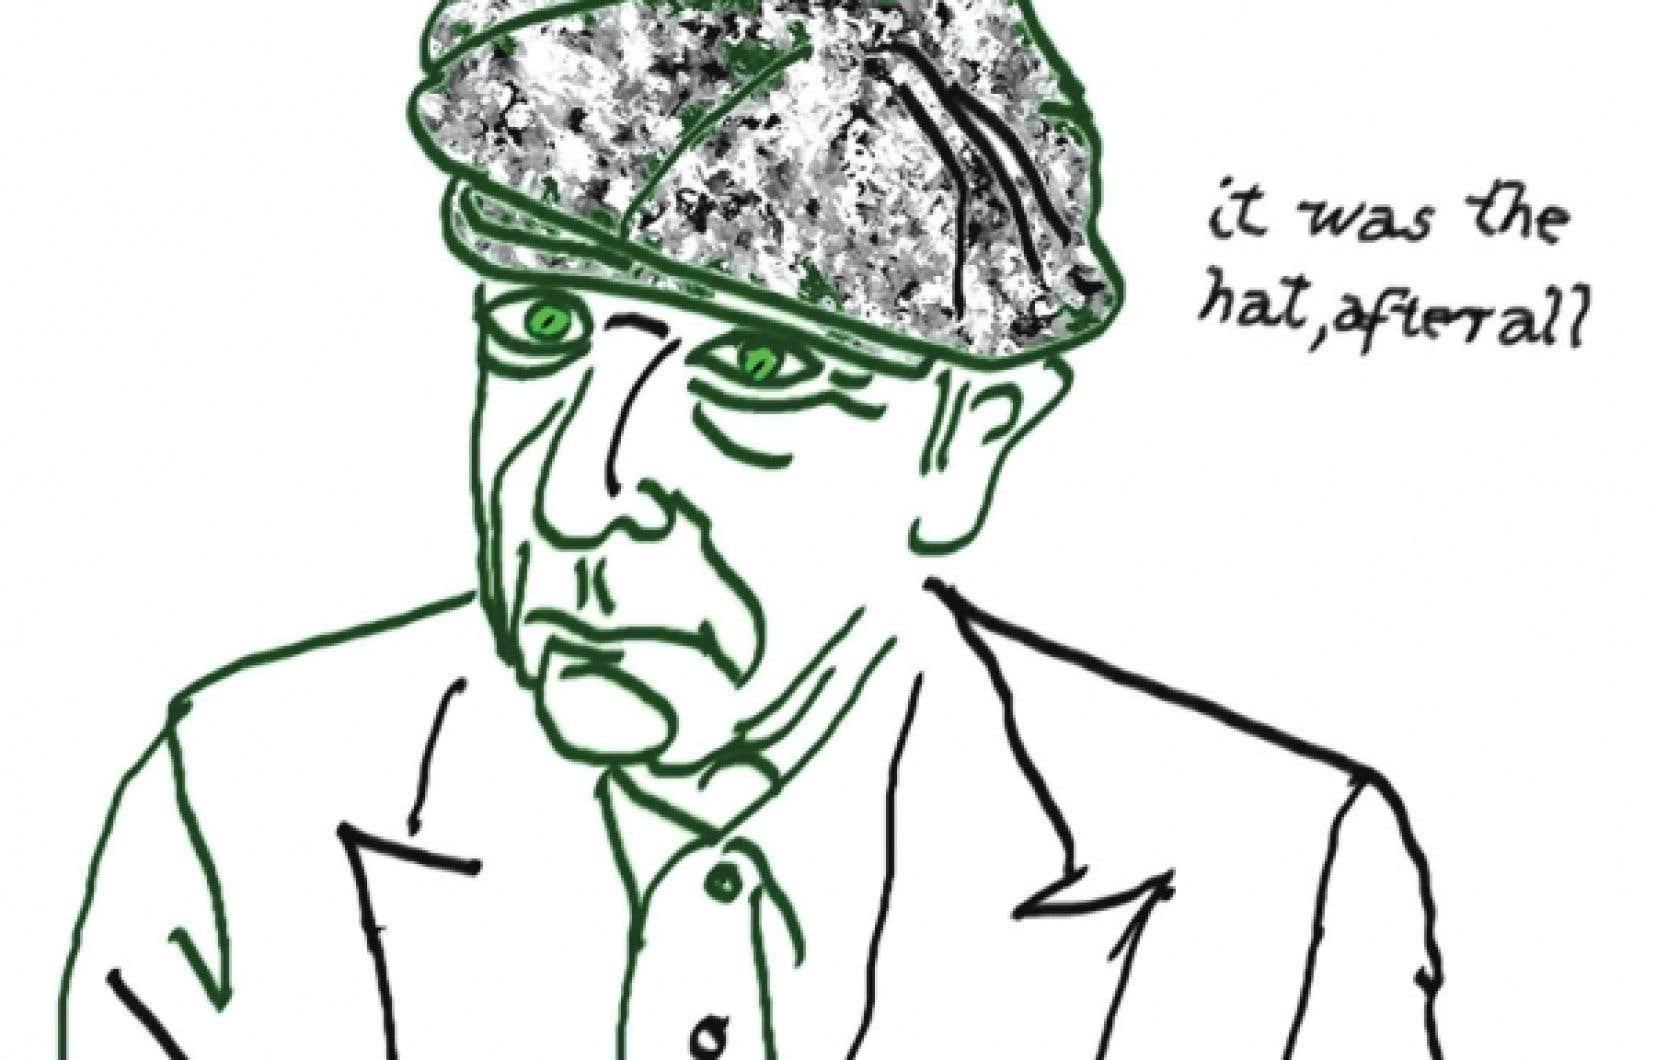 It Was the Hat, autoportrait à l'encre sur papier d'arches, l'une des œuvres que Leonard Cohen expose à Montréal.